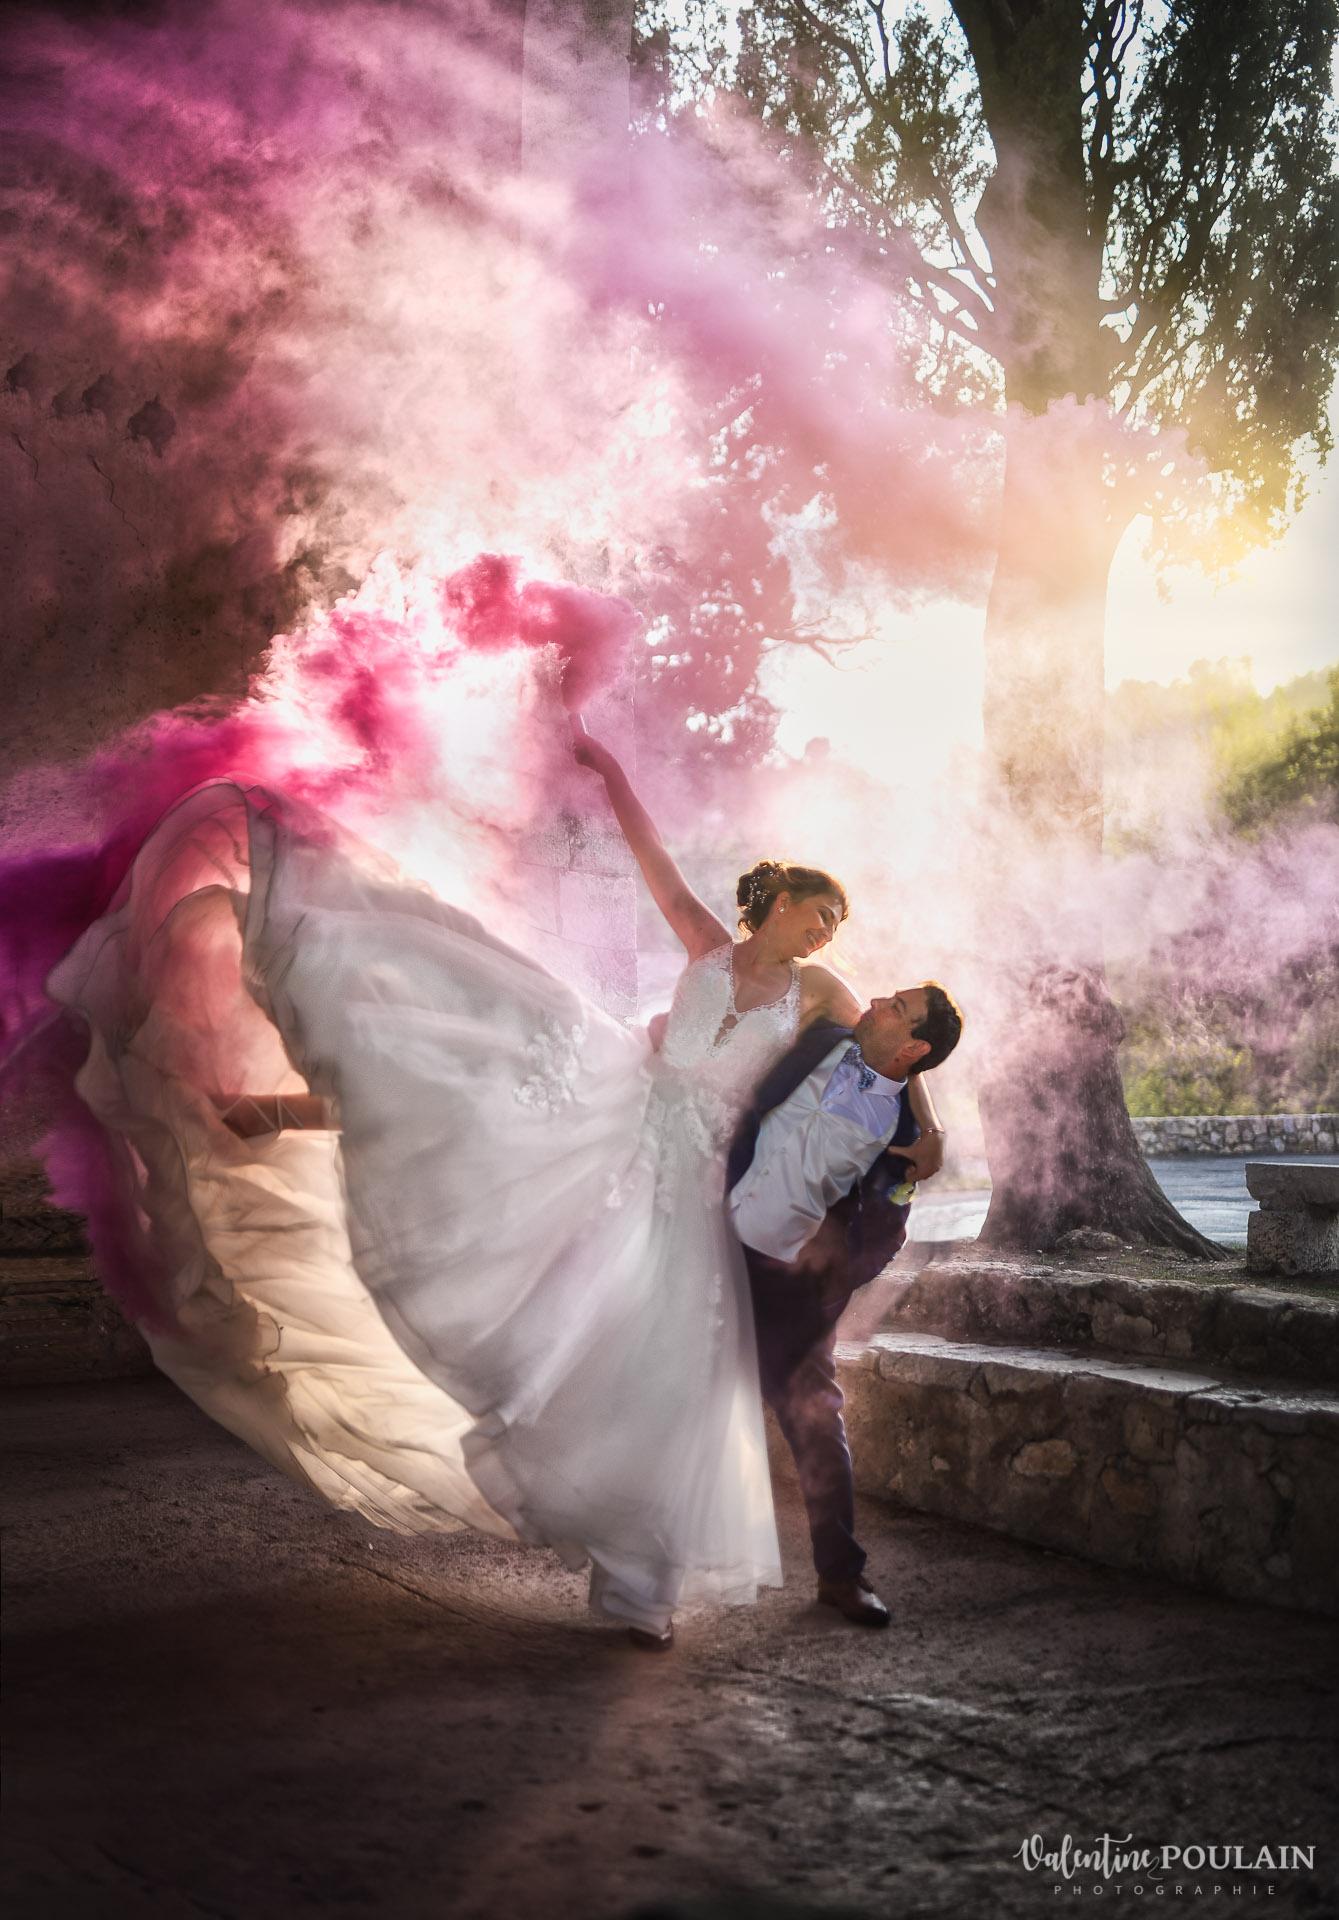 Automne sud se marier hors saison _ Valentine Poulain color